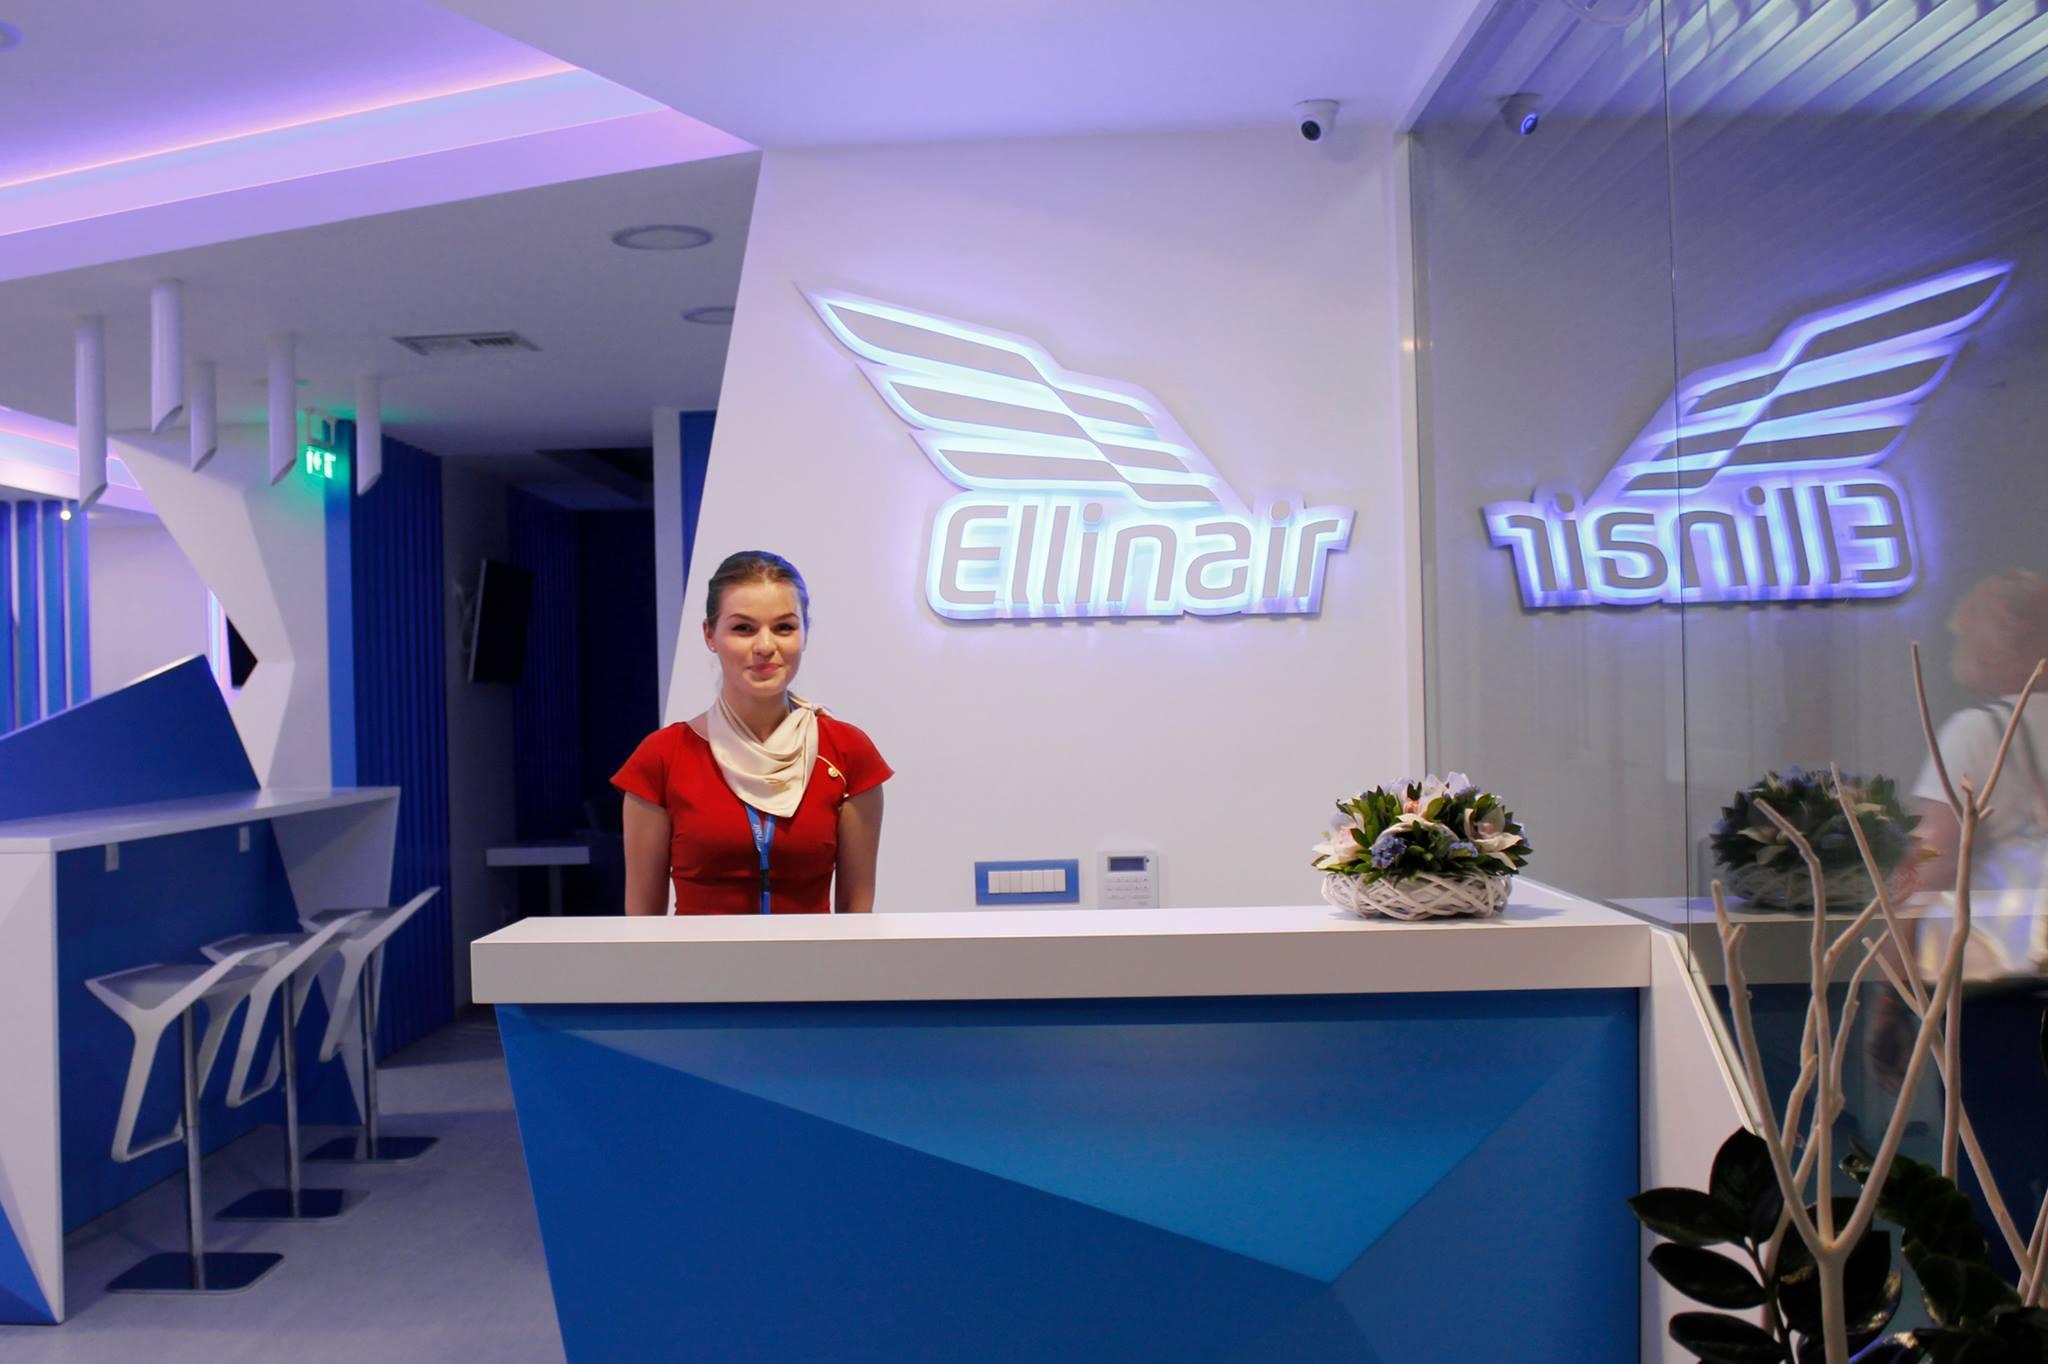 Πρόσκληση για τα εγκαίνια του CIP Lounge 'Anemos' της αεροπορικής εταιρείας Ellinair στο αεροδρόμιο Ηρακλείου